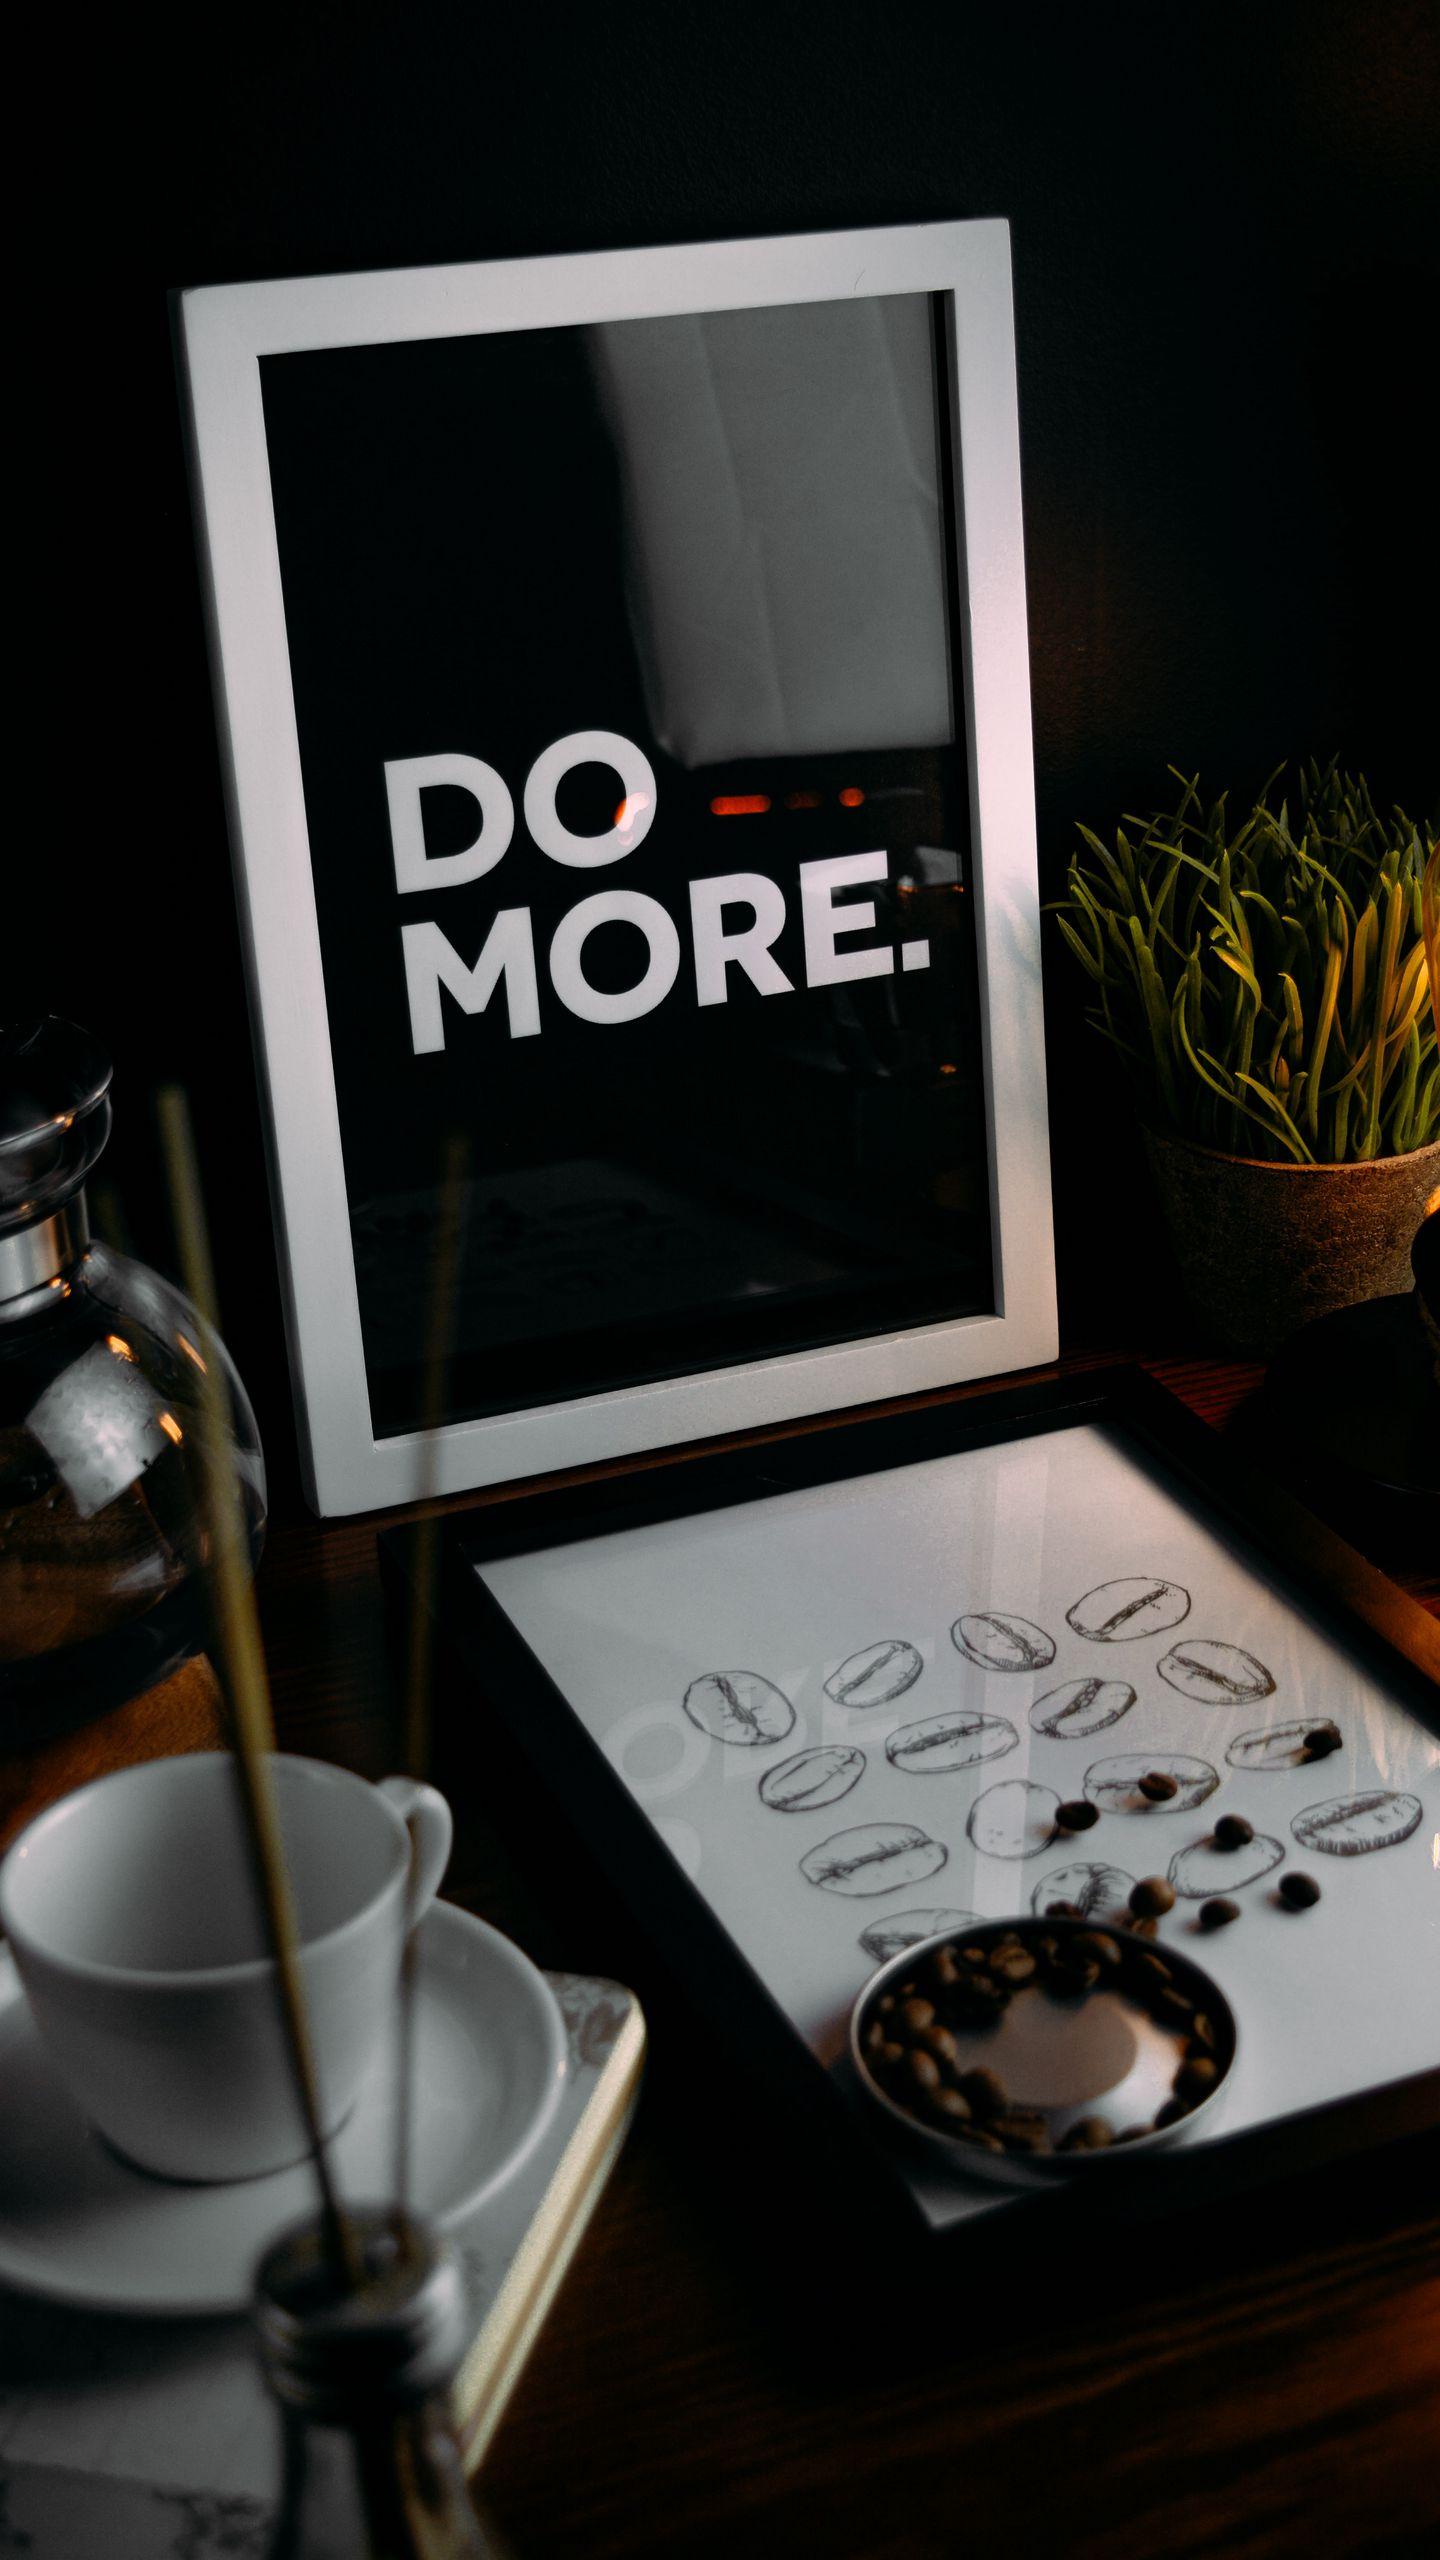 1440x2560 Обои мотивация, фраза, слова, текст, рамка, кофейные зерна